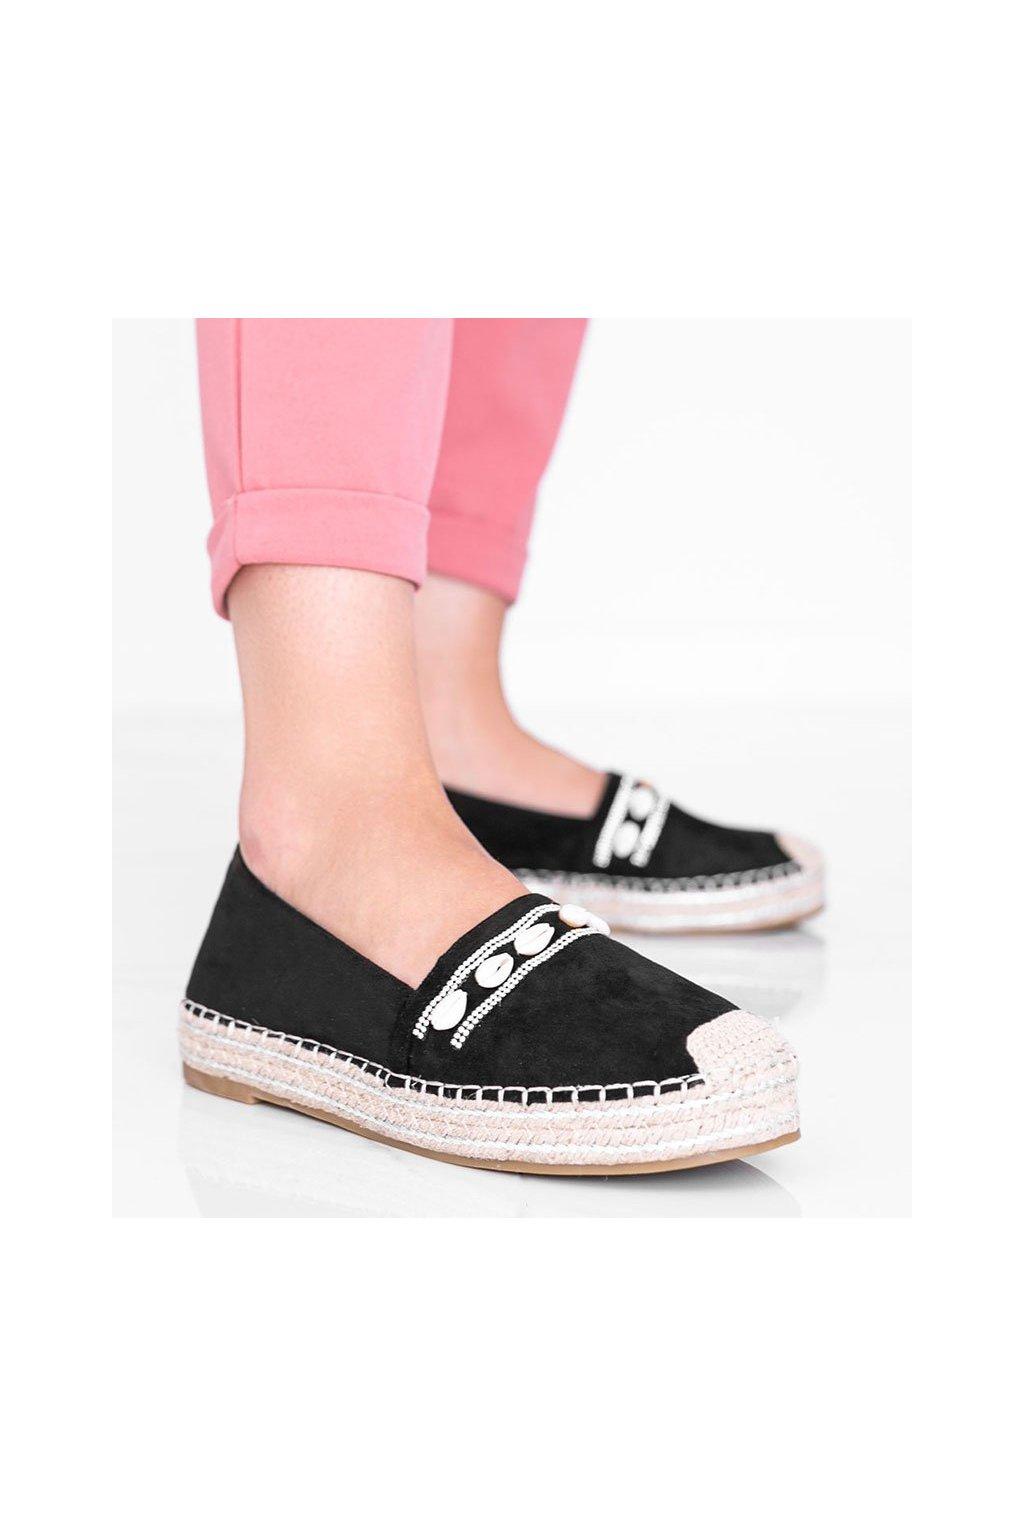 Dámske topánky espadrilky čierne kód 6771 - GM